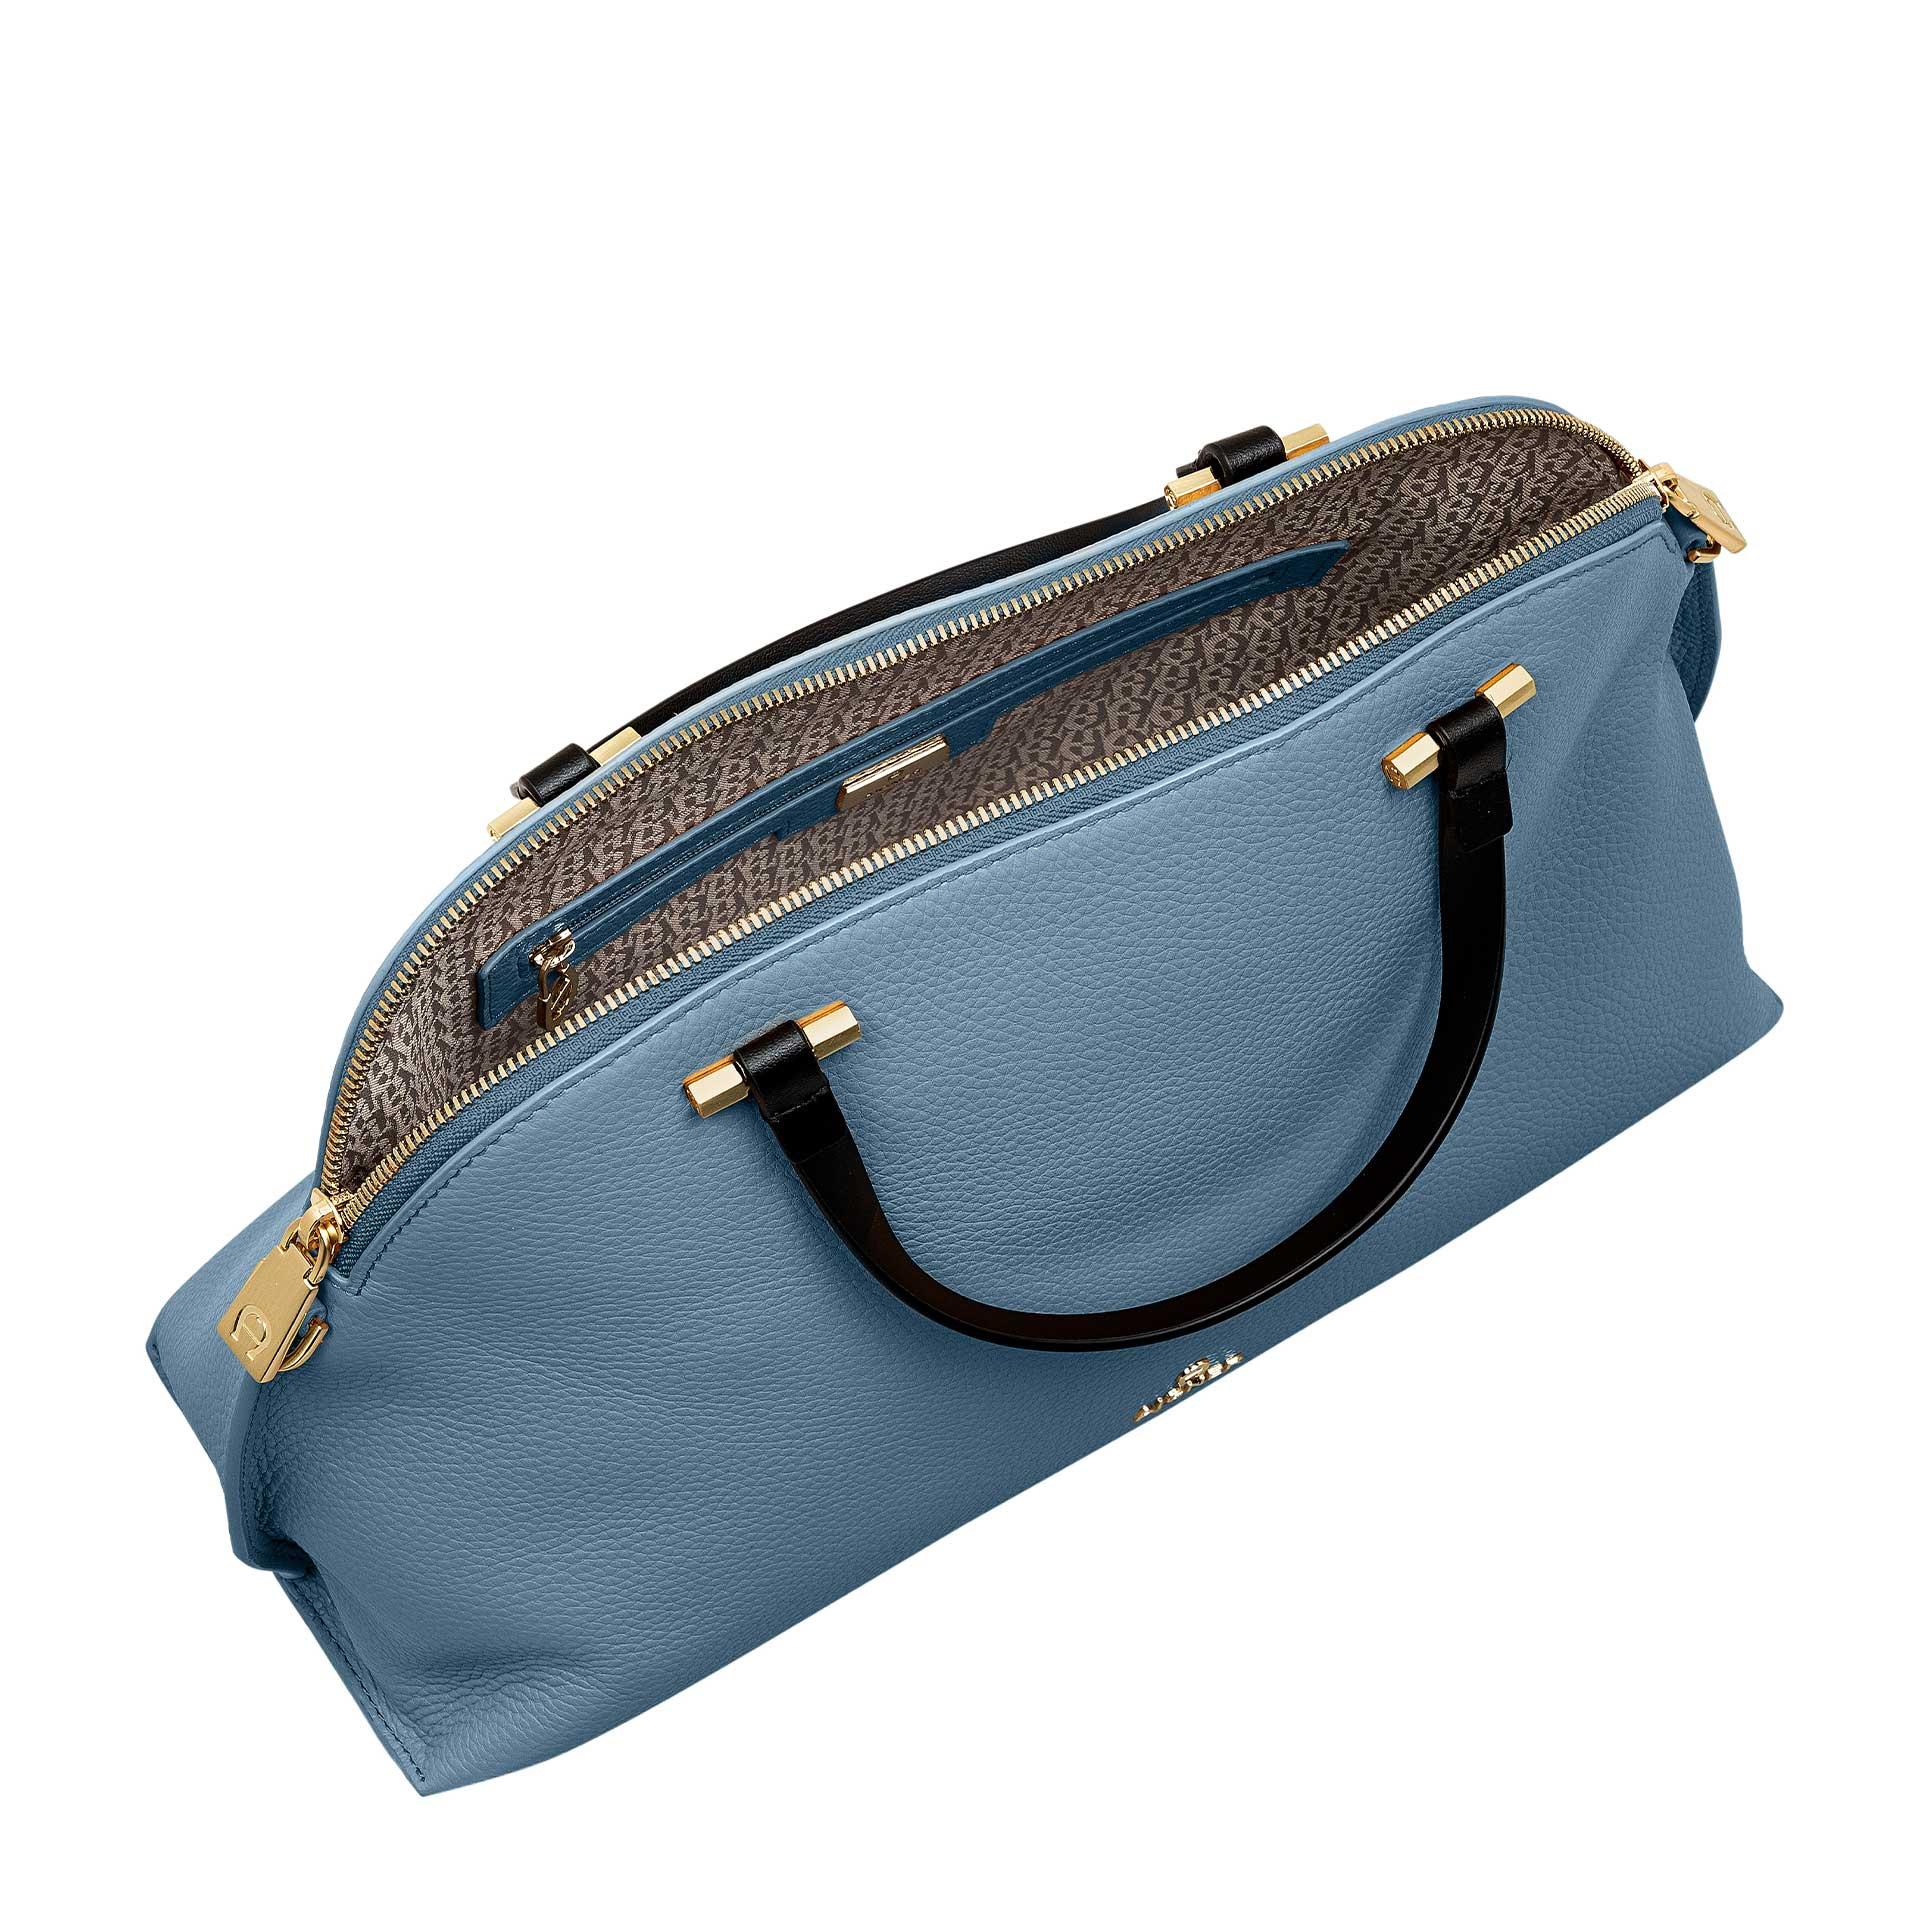 Aigner Evita Handtasche M dusk blue